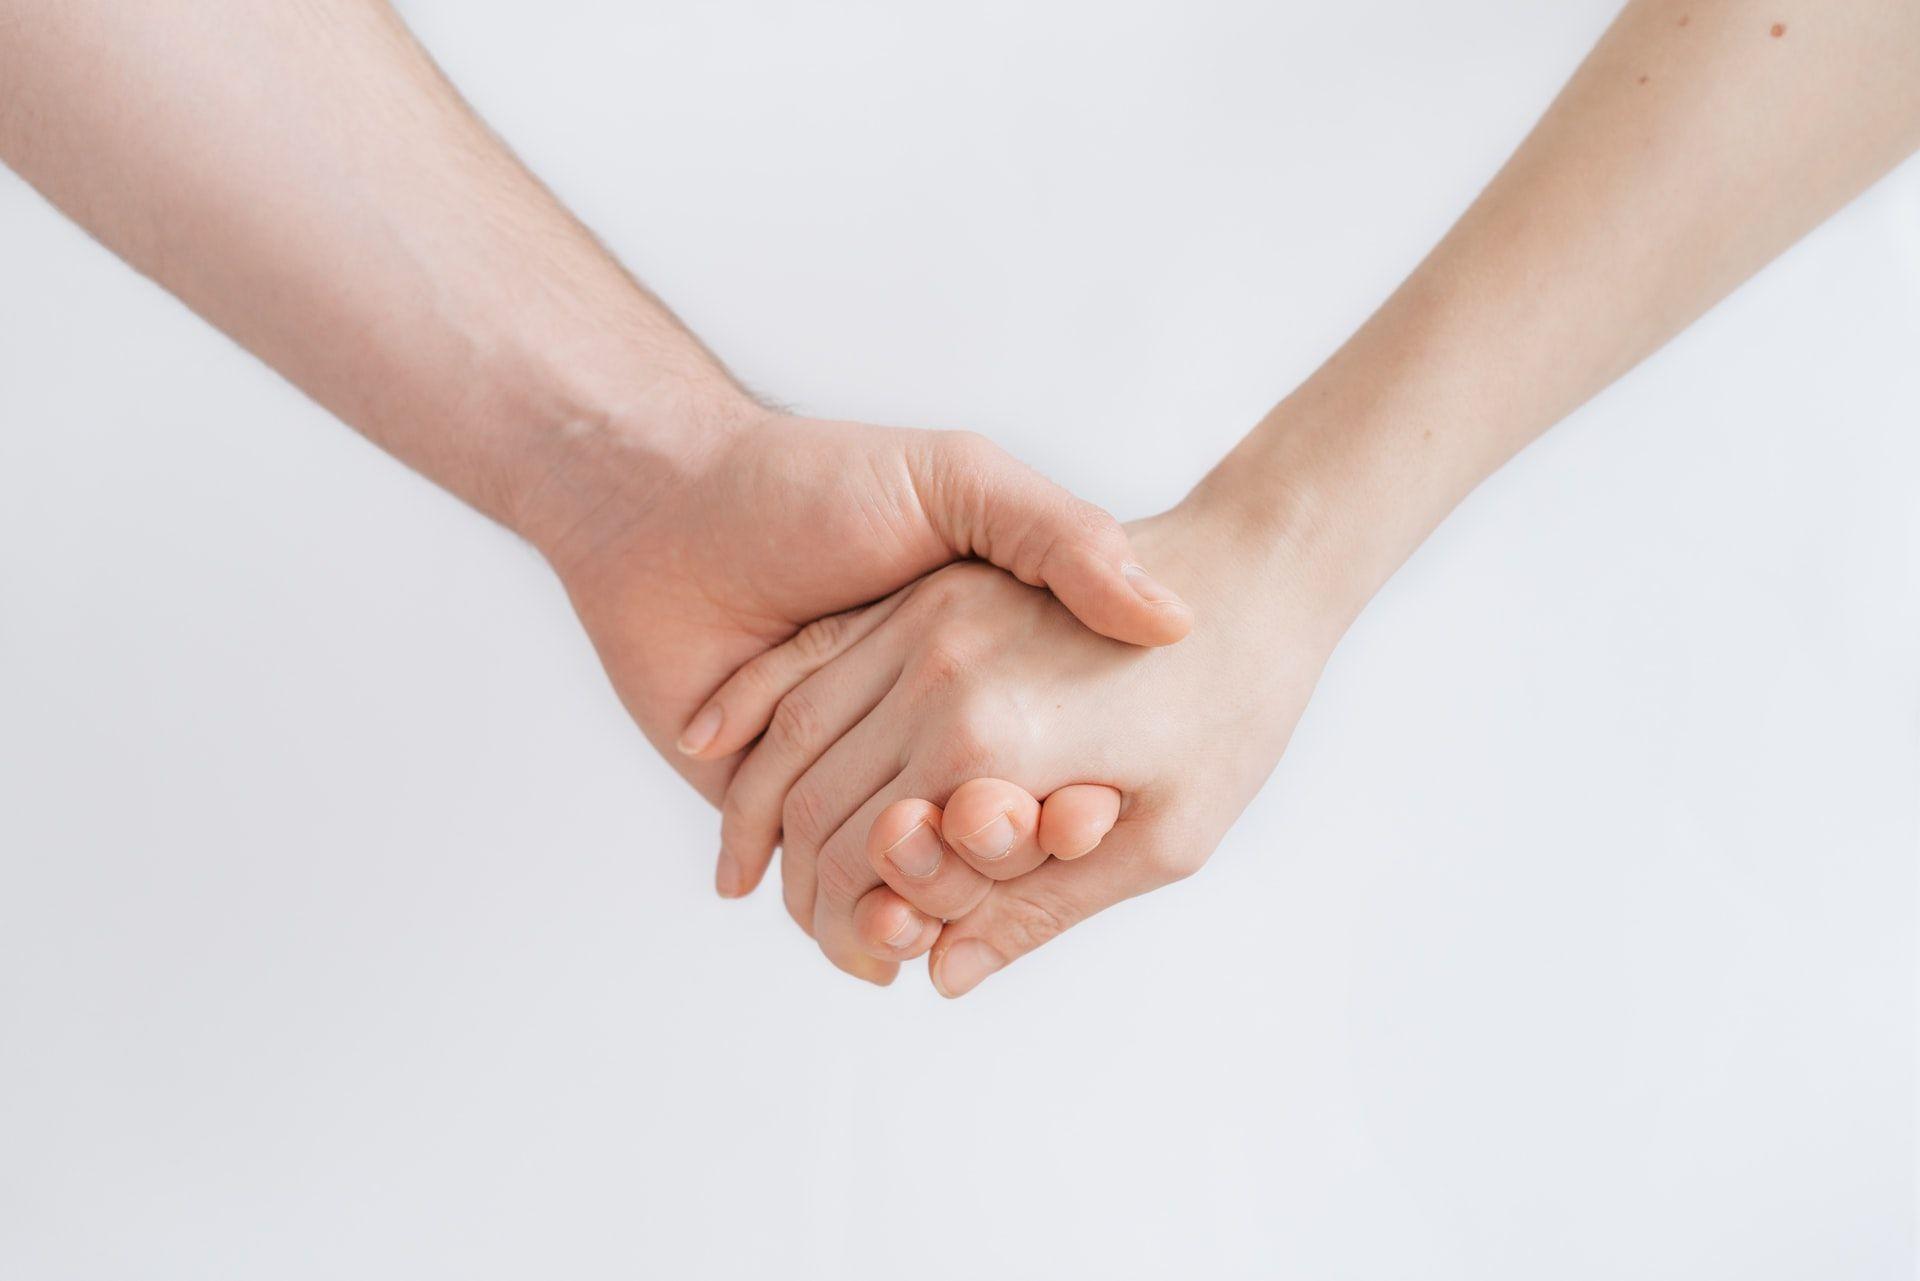 Susikibę už rankų du žmonės